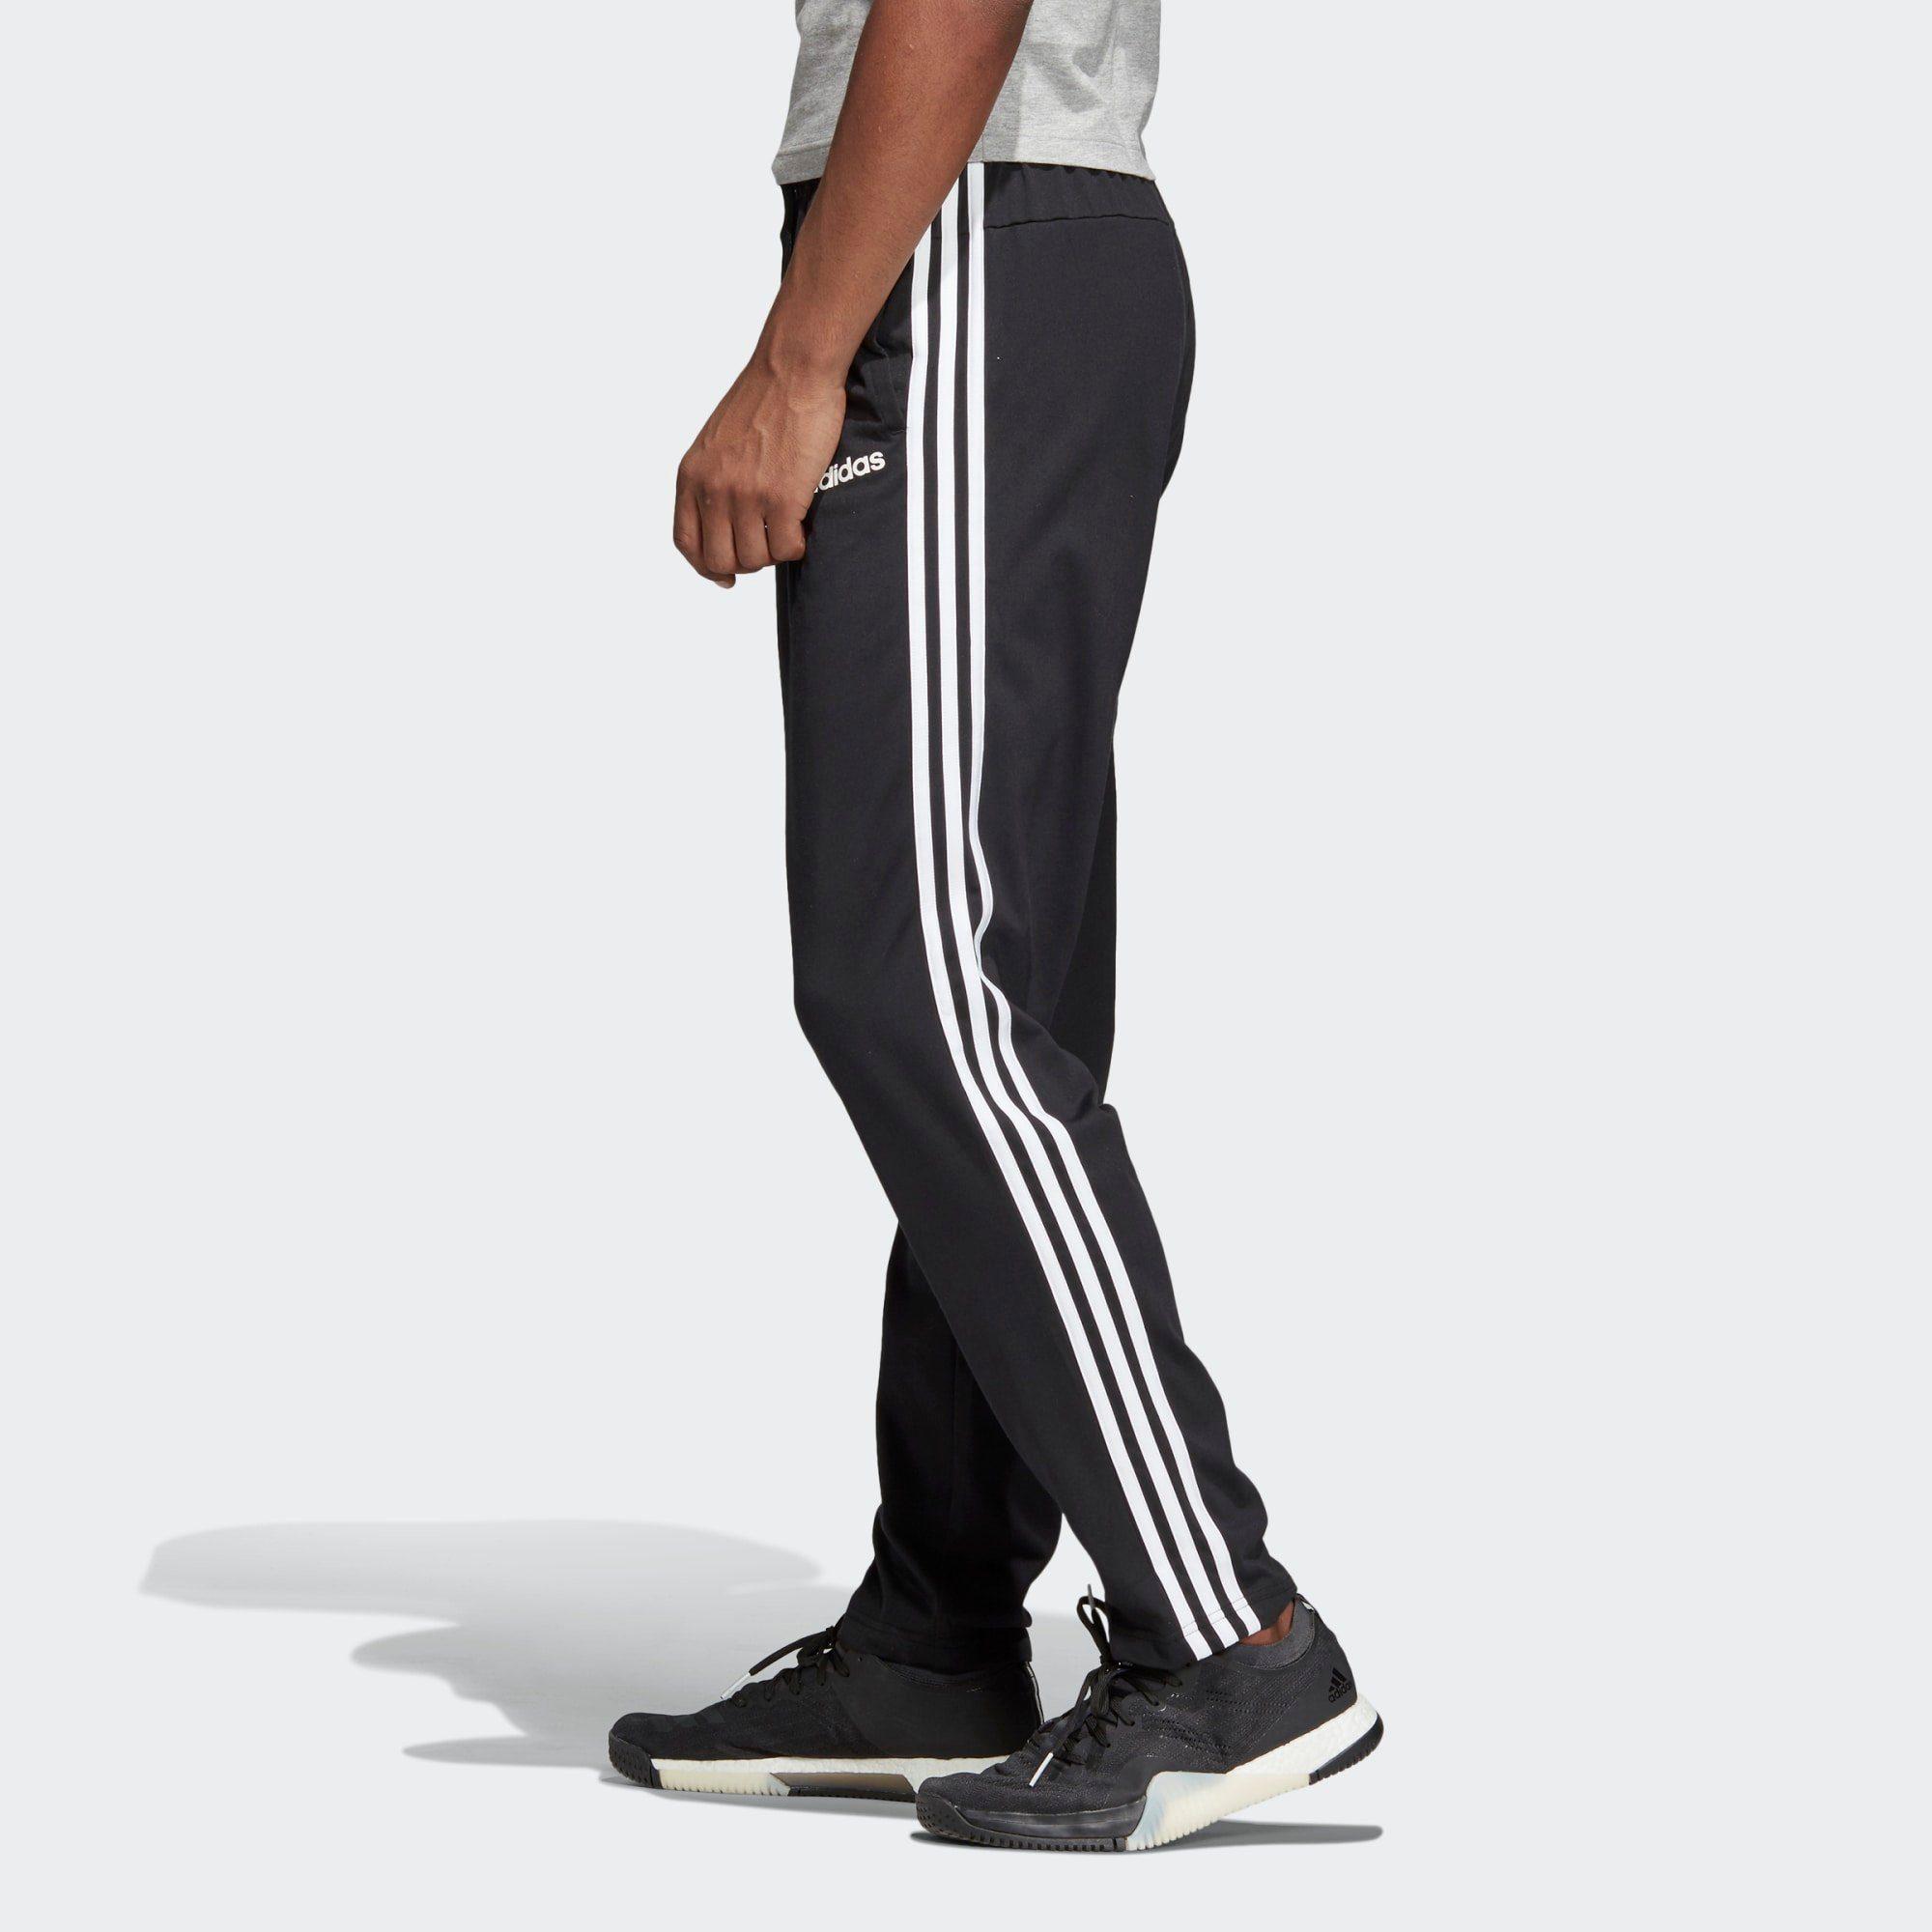 adidas sporthose 3 streifen